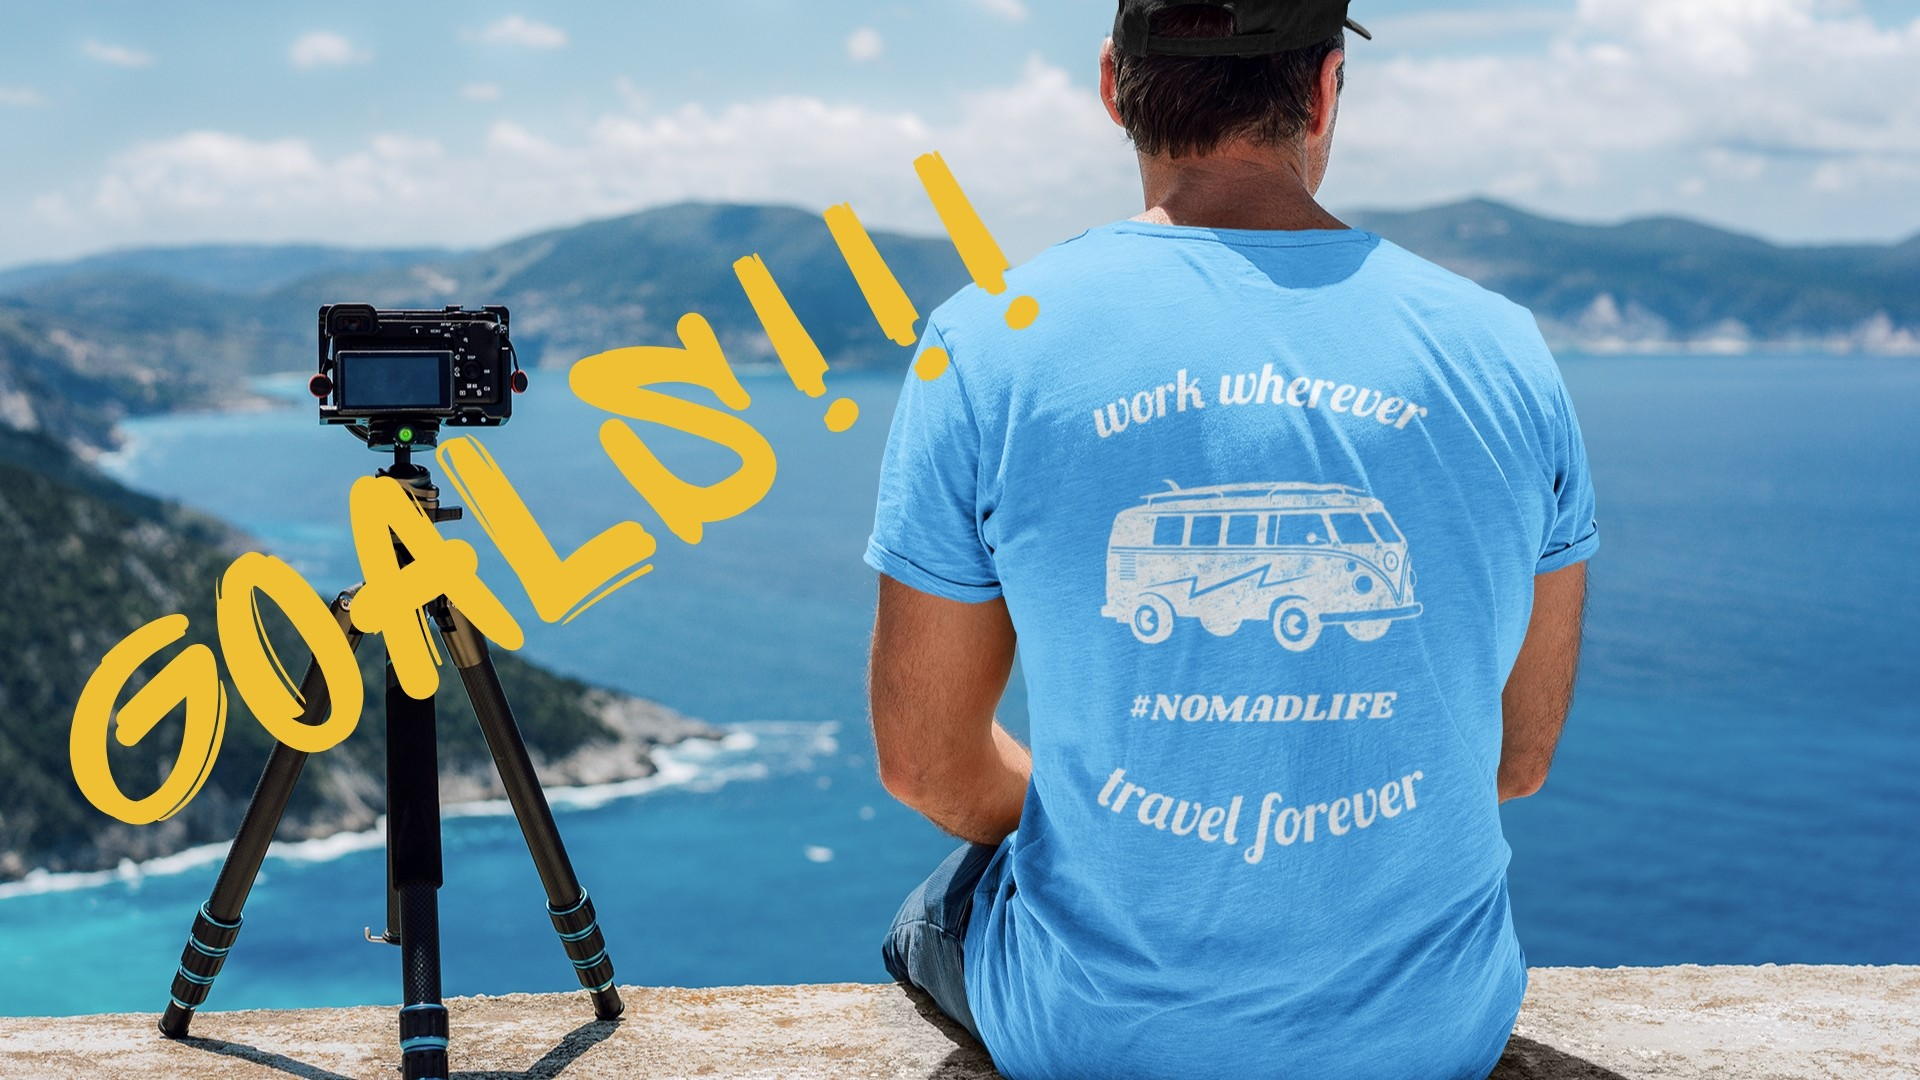 sidehustle goals work wherever travel forever